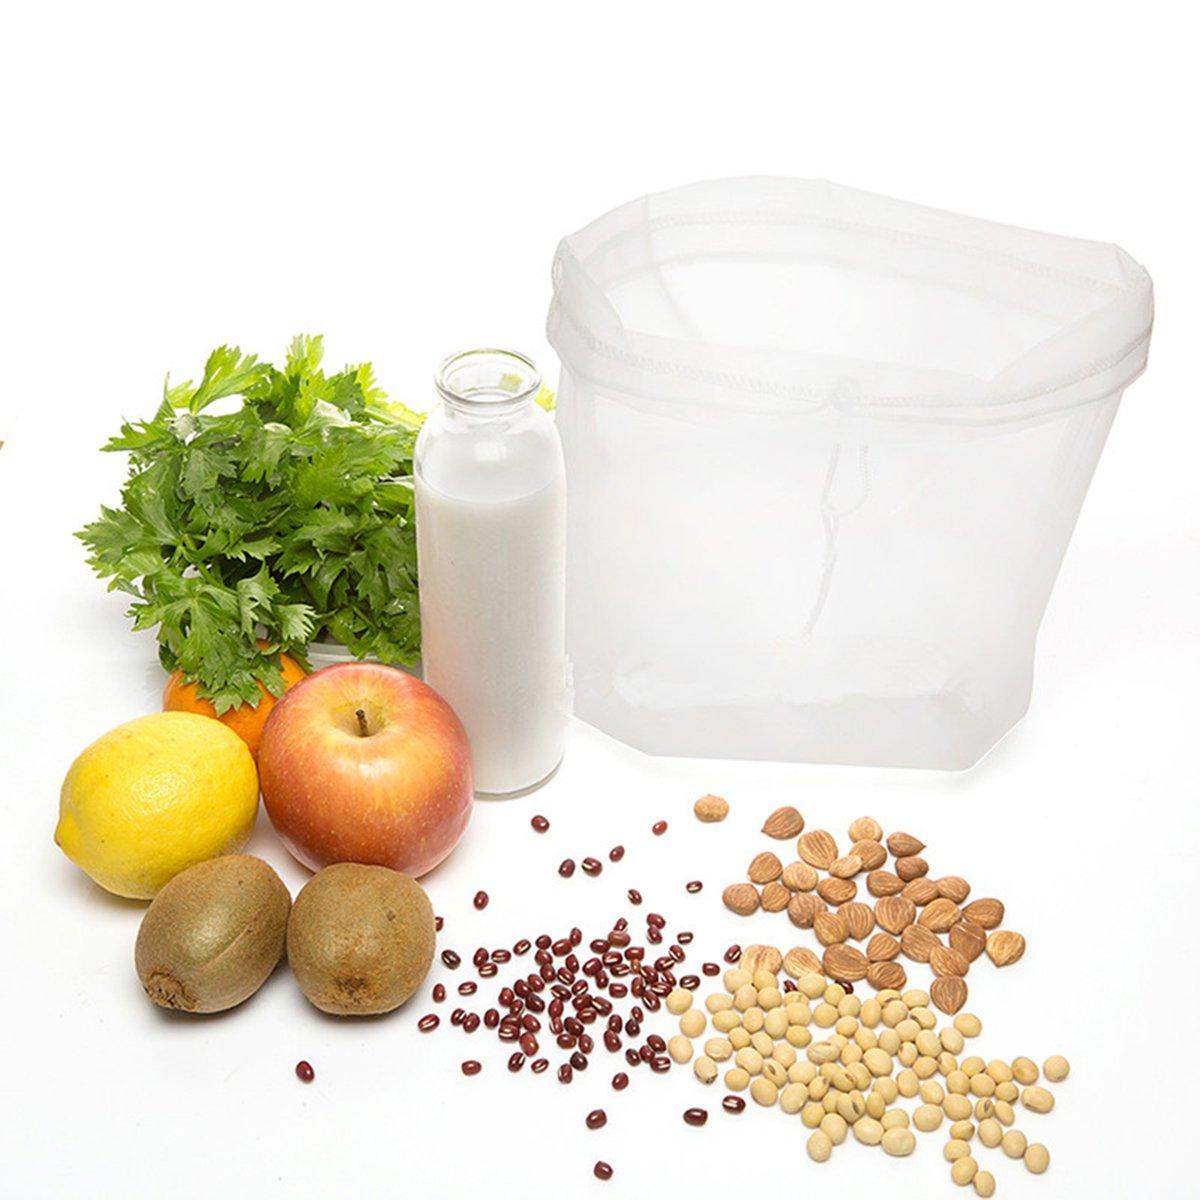 ... de tamiz de alimentos de malla fina de nylon reutilizable, filtro de calidad alimentaria para leche de almendra, café, elaboración de la cerveza casera ...